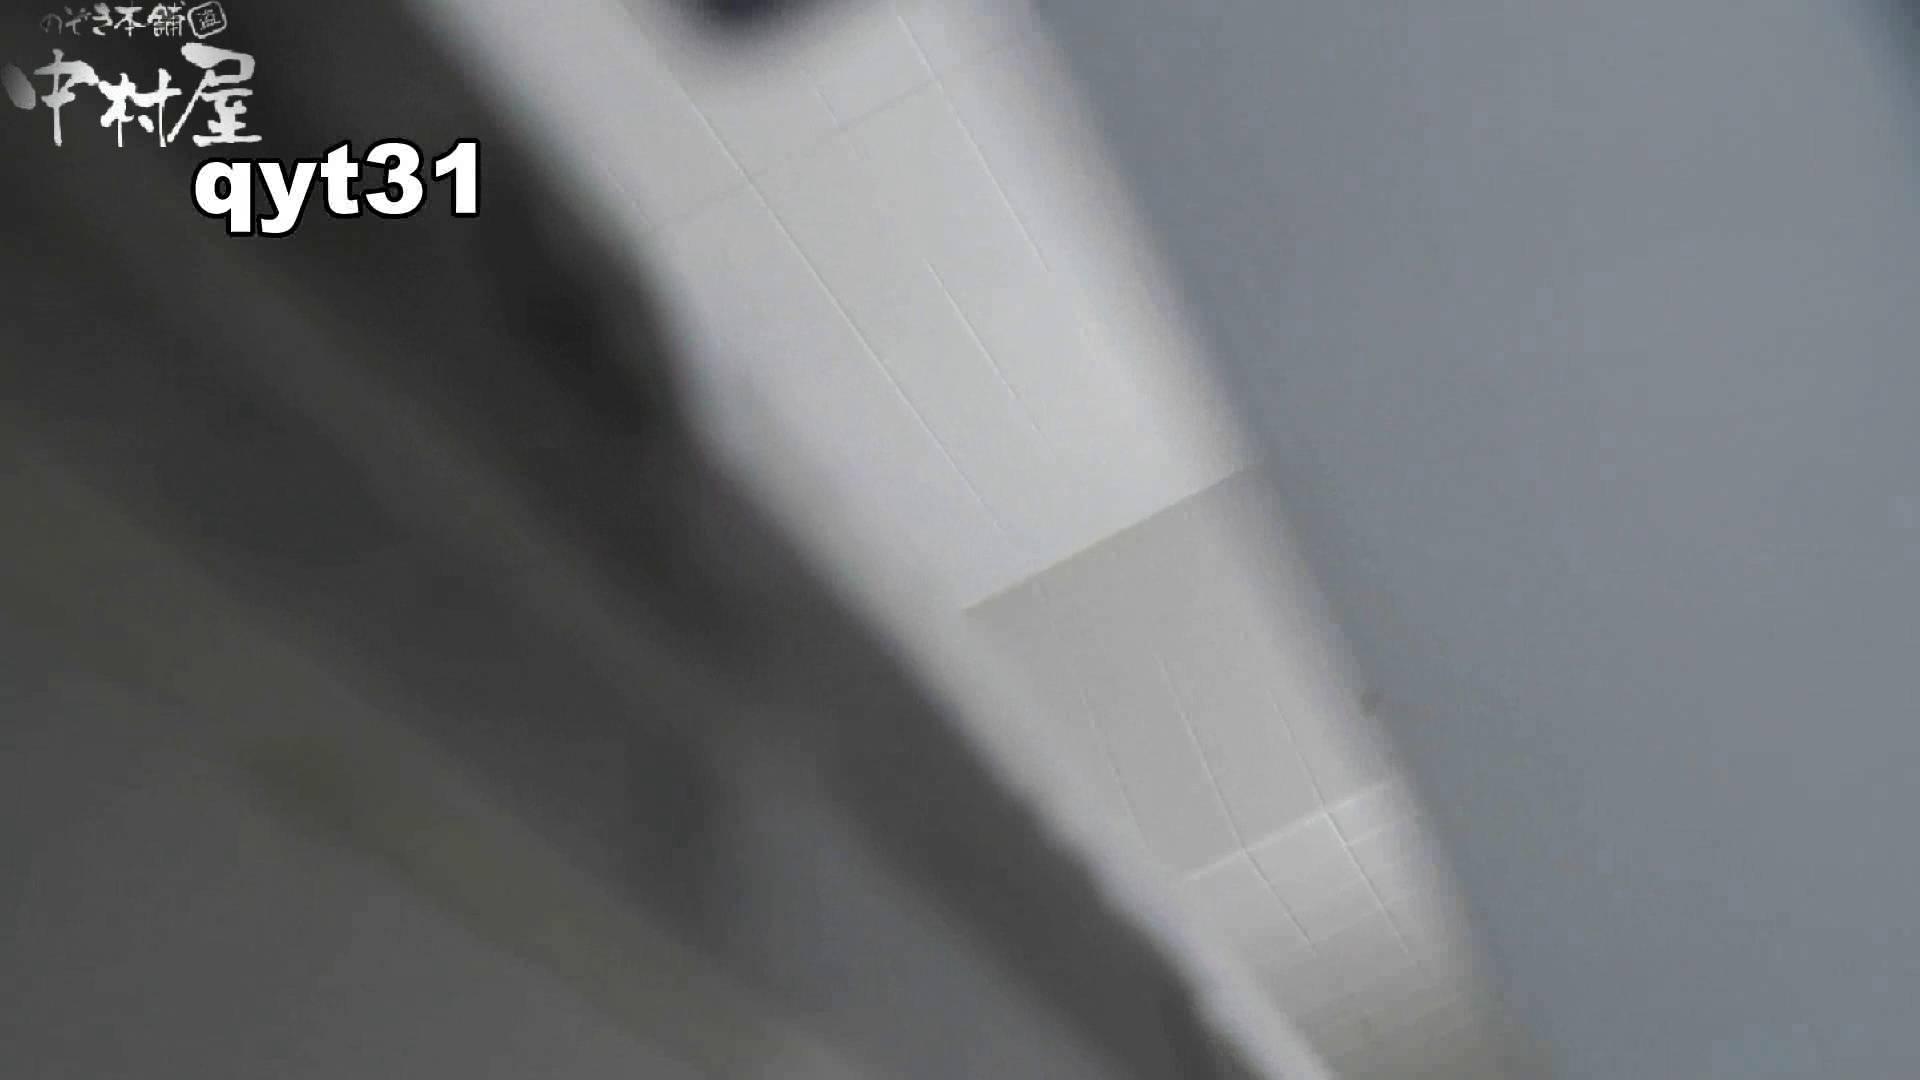 【お銀さんの「洗面所突入レポート!!」】お銀さんの「洗面所突入レポート!!」 vol.31 Σ(||゚Д゚)ヒィ~!! OLセックス  66画像 12